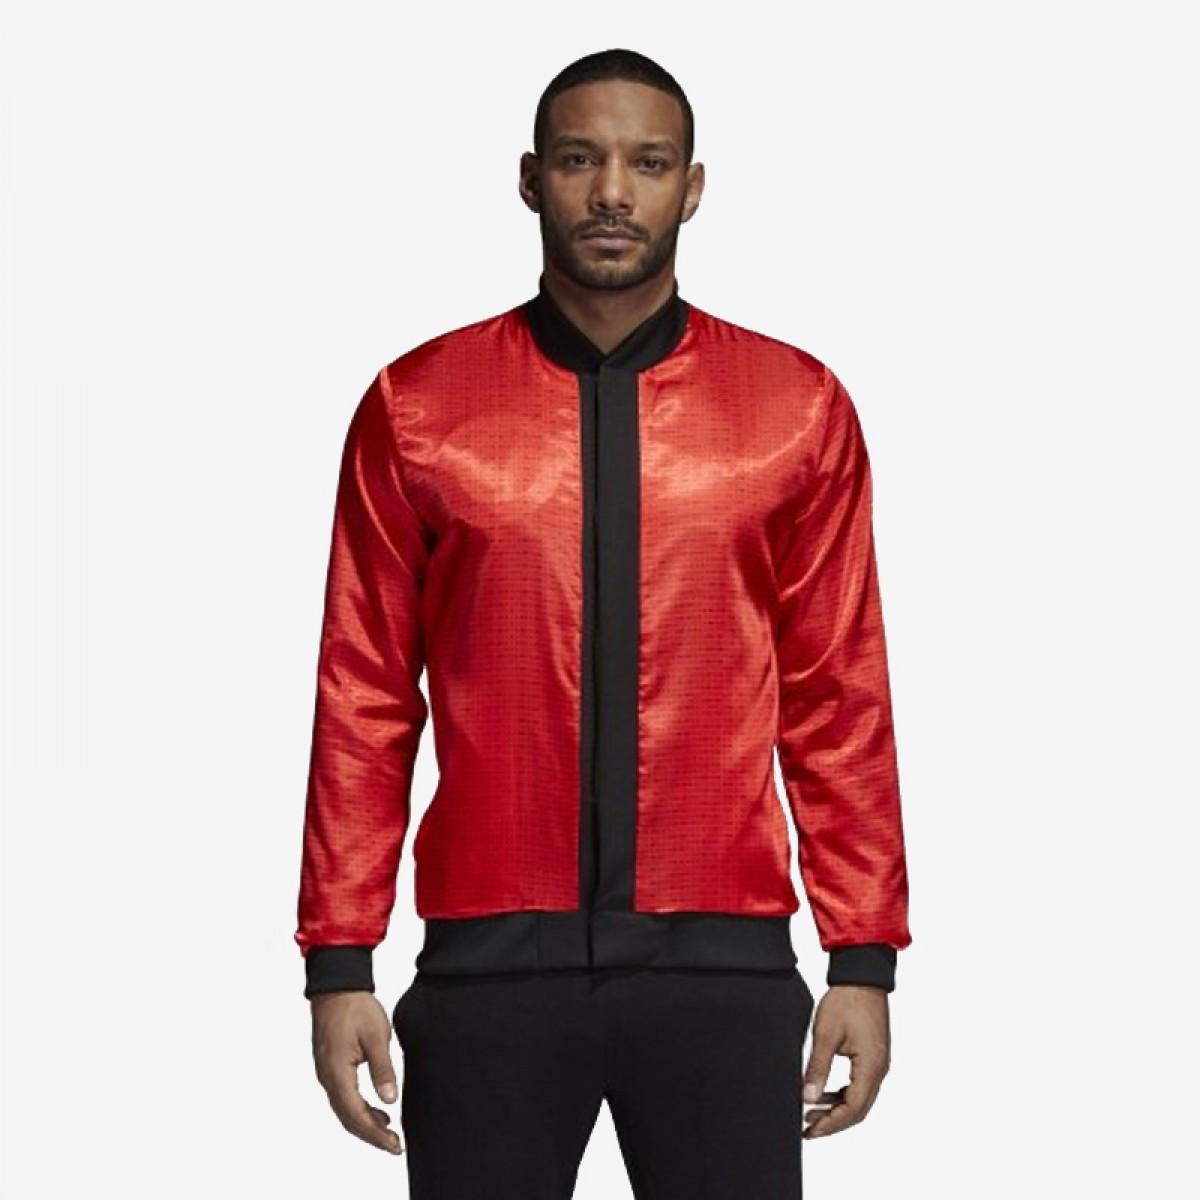 Adidas Dame Varsity Jacket 'Black' CE9132